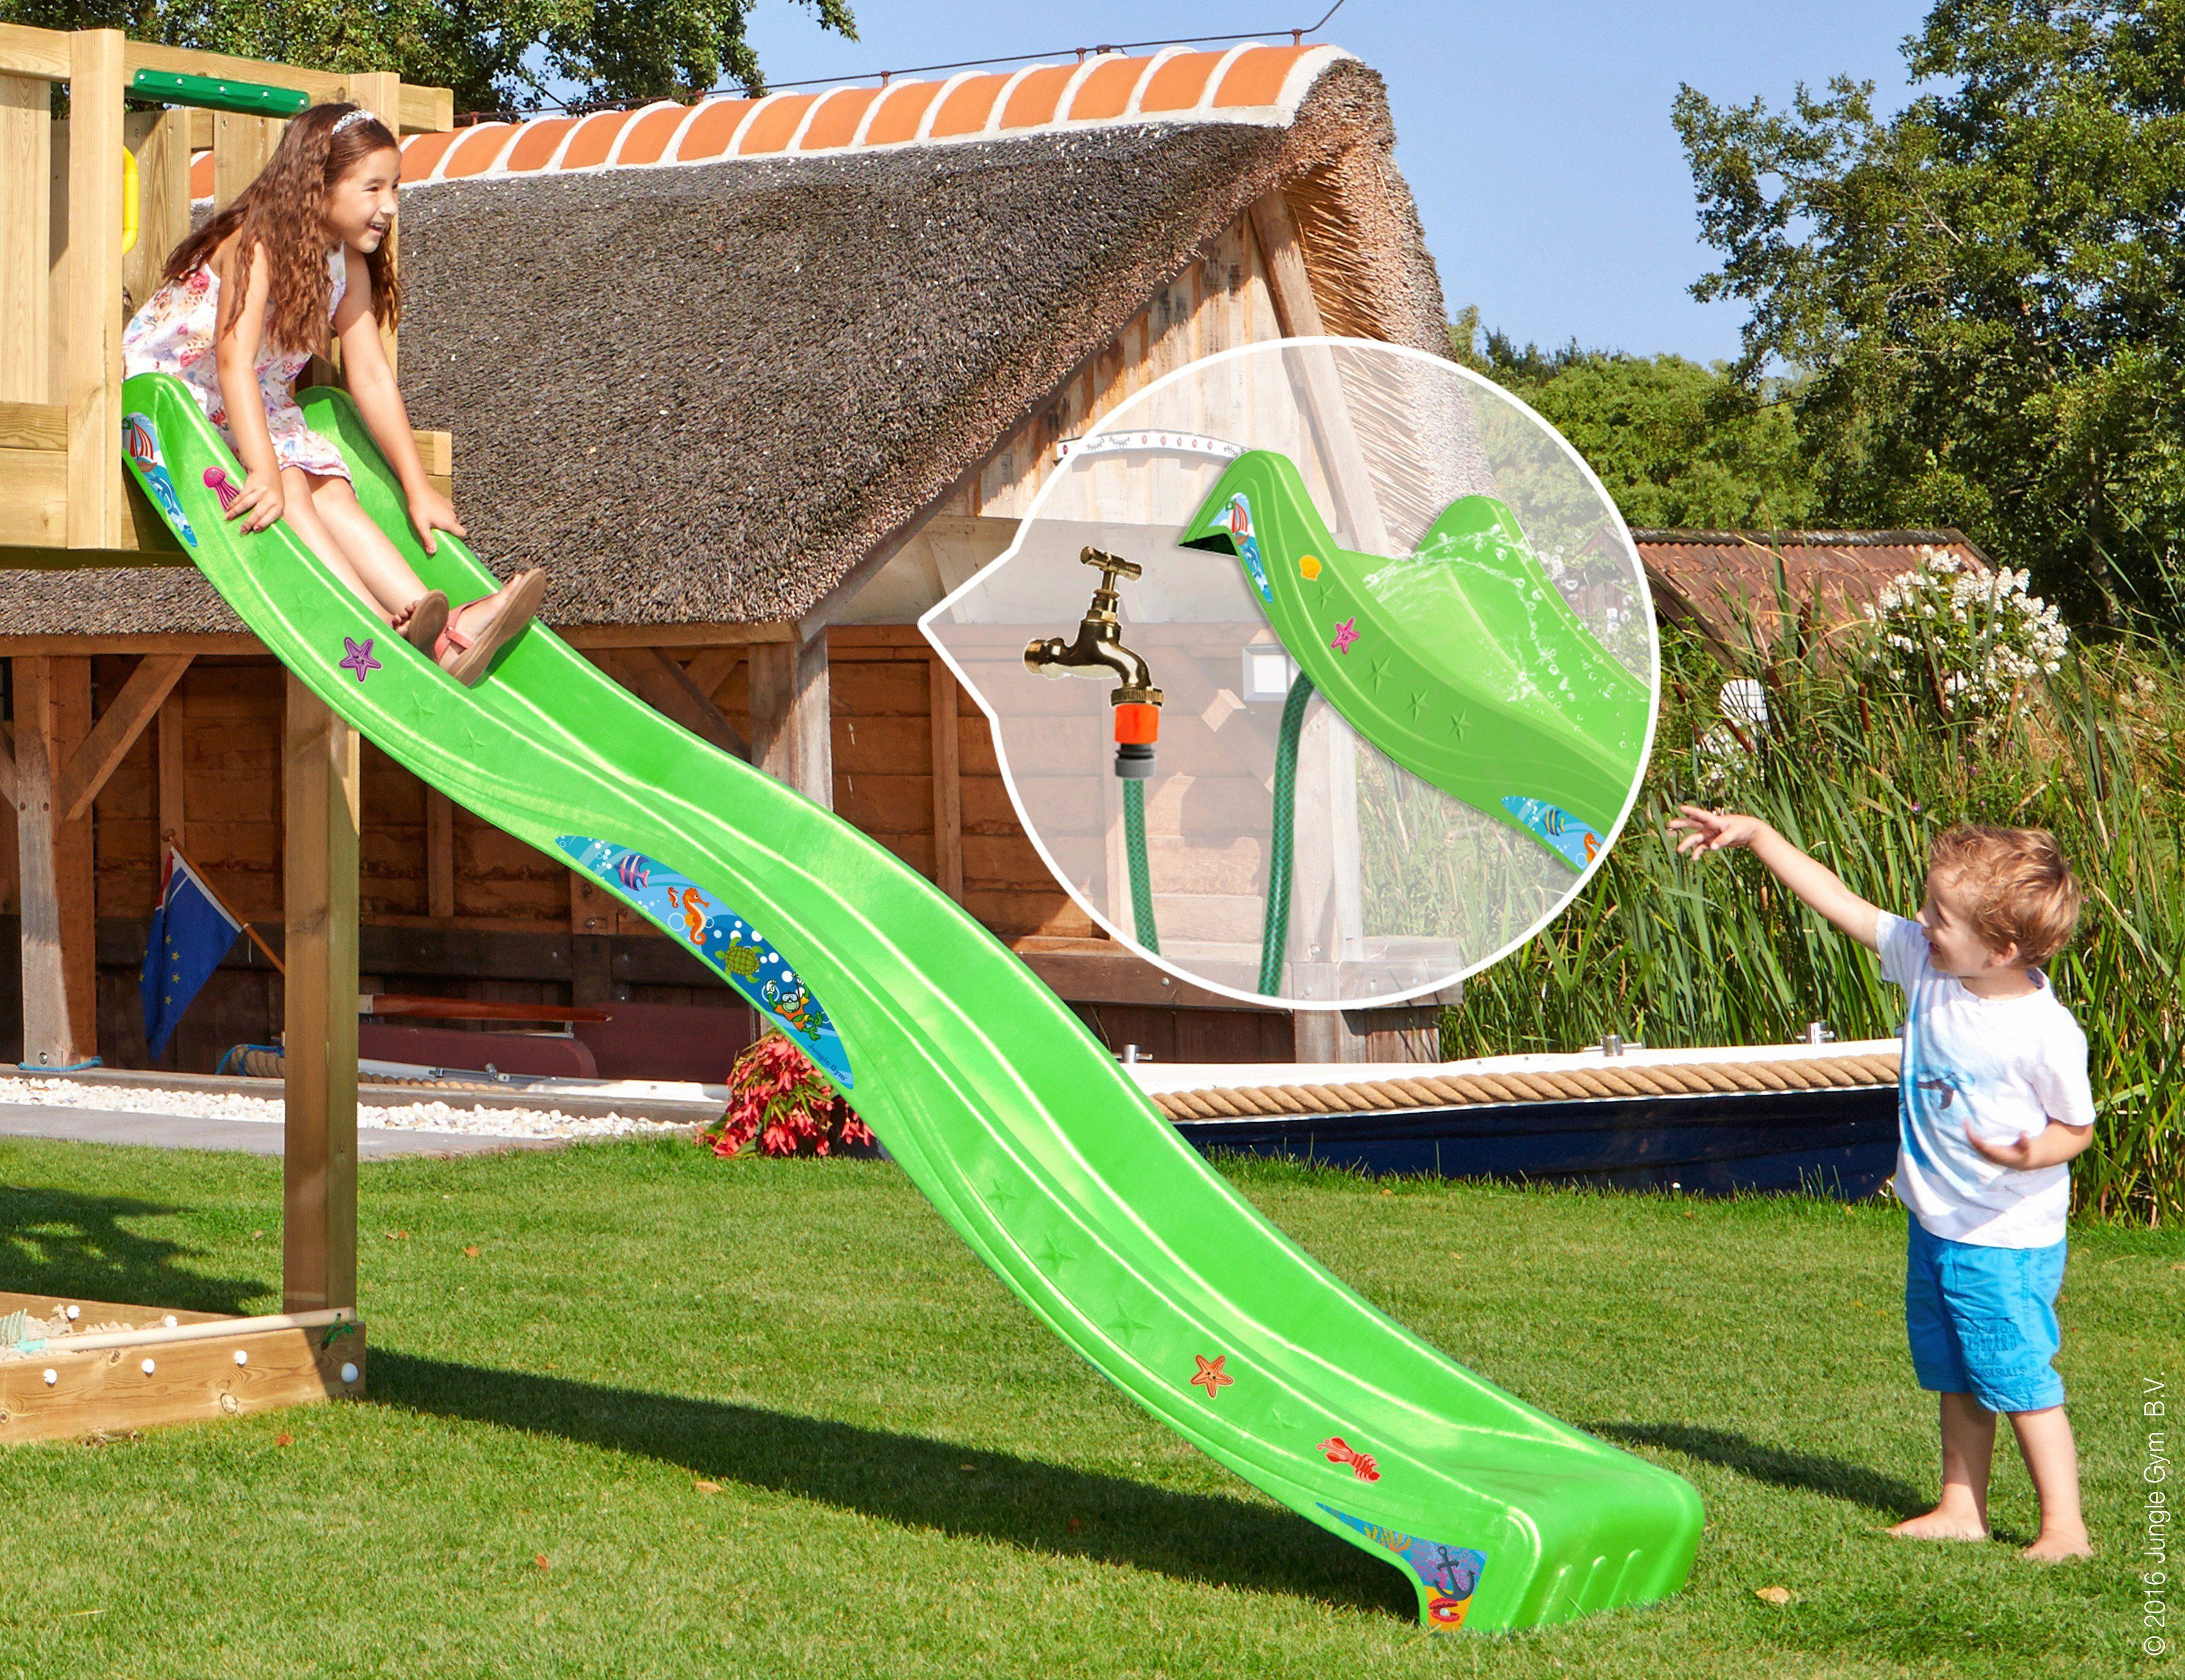 Klettergerüst Jungle Gym : Jungle gym cottage bridge grün garten kinder holz spielgeräte mit